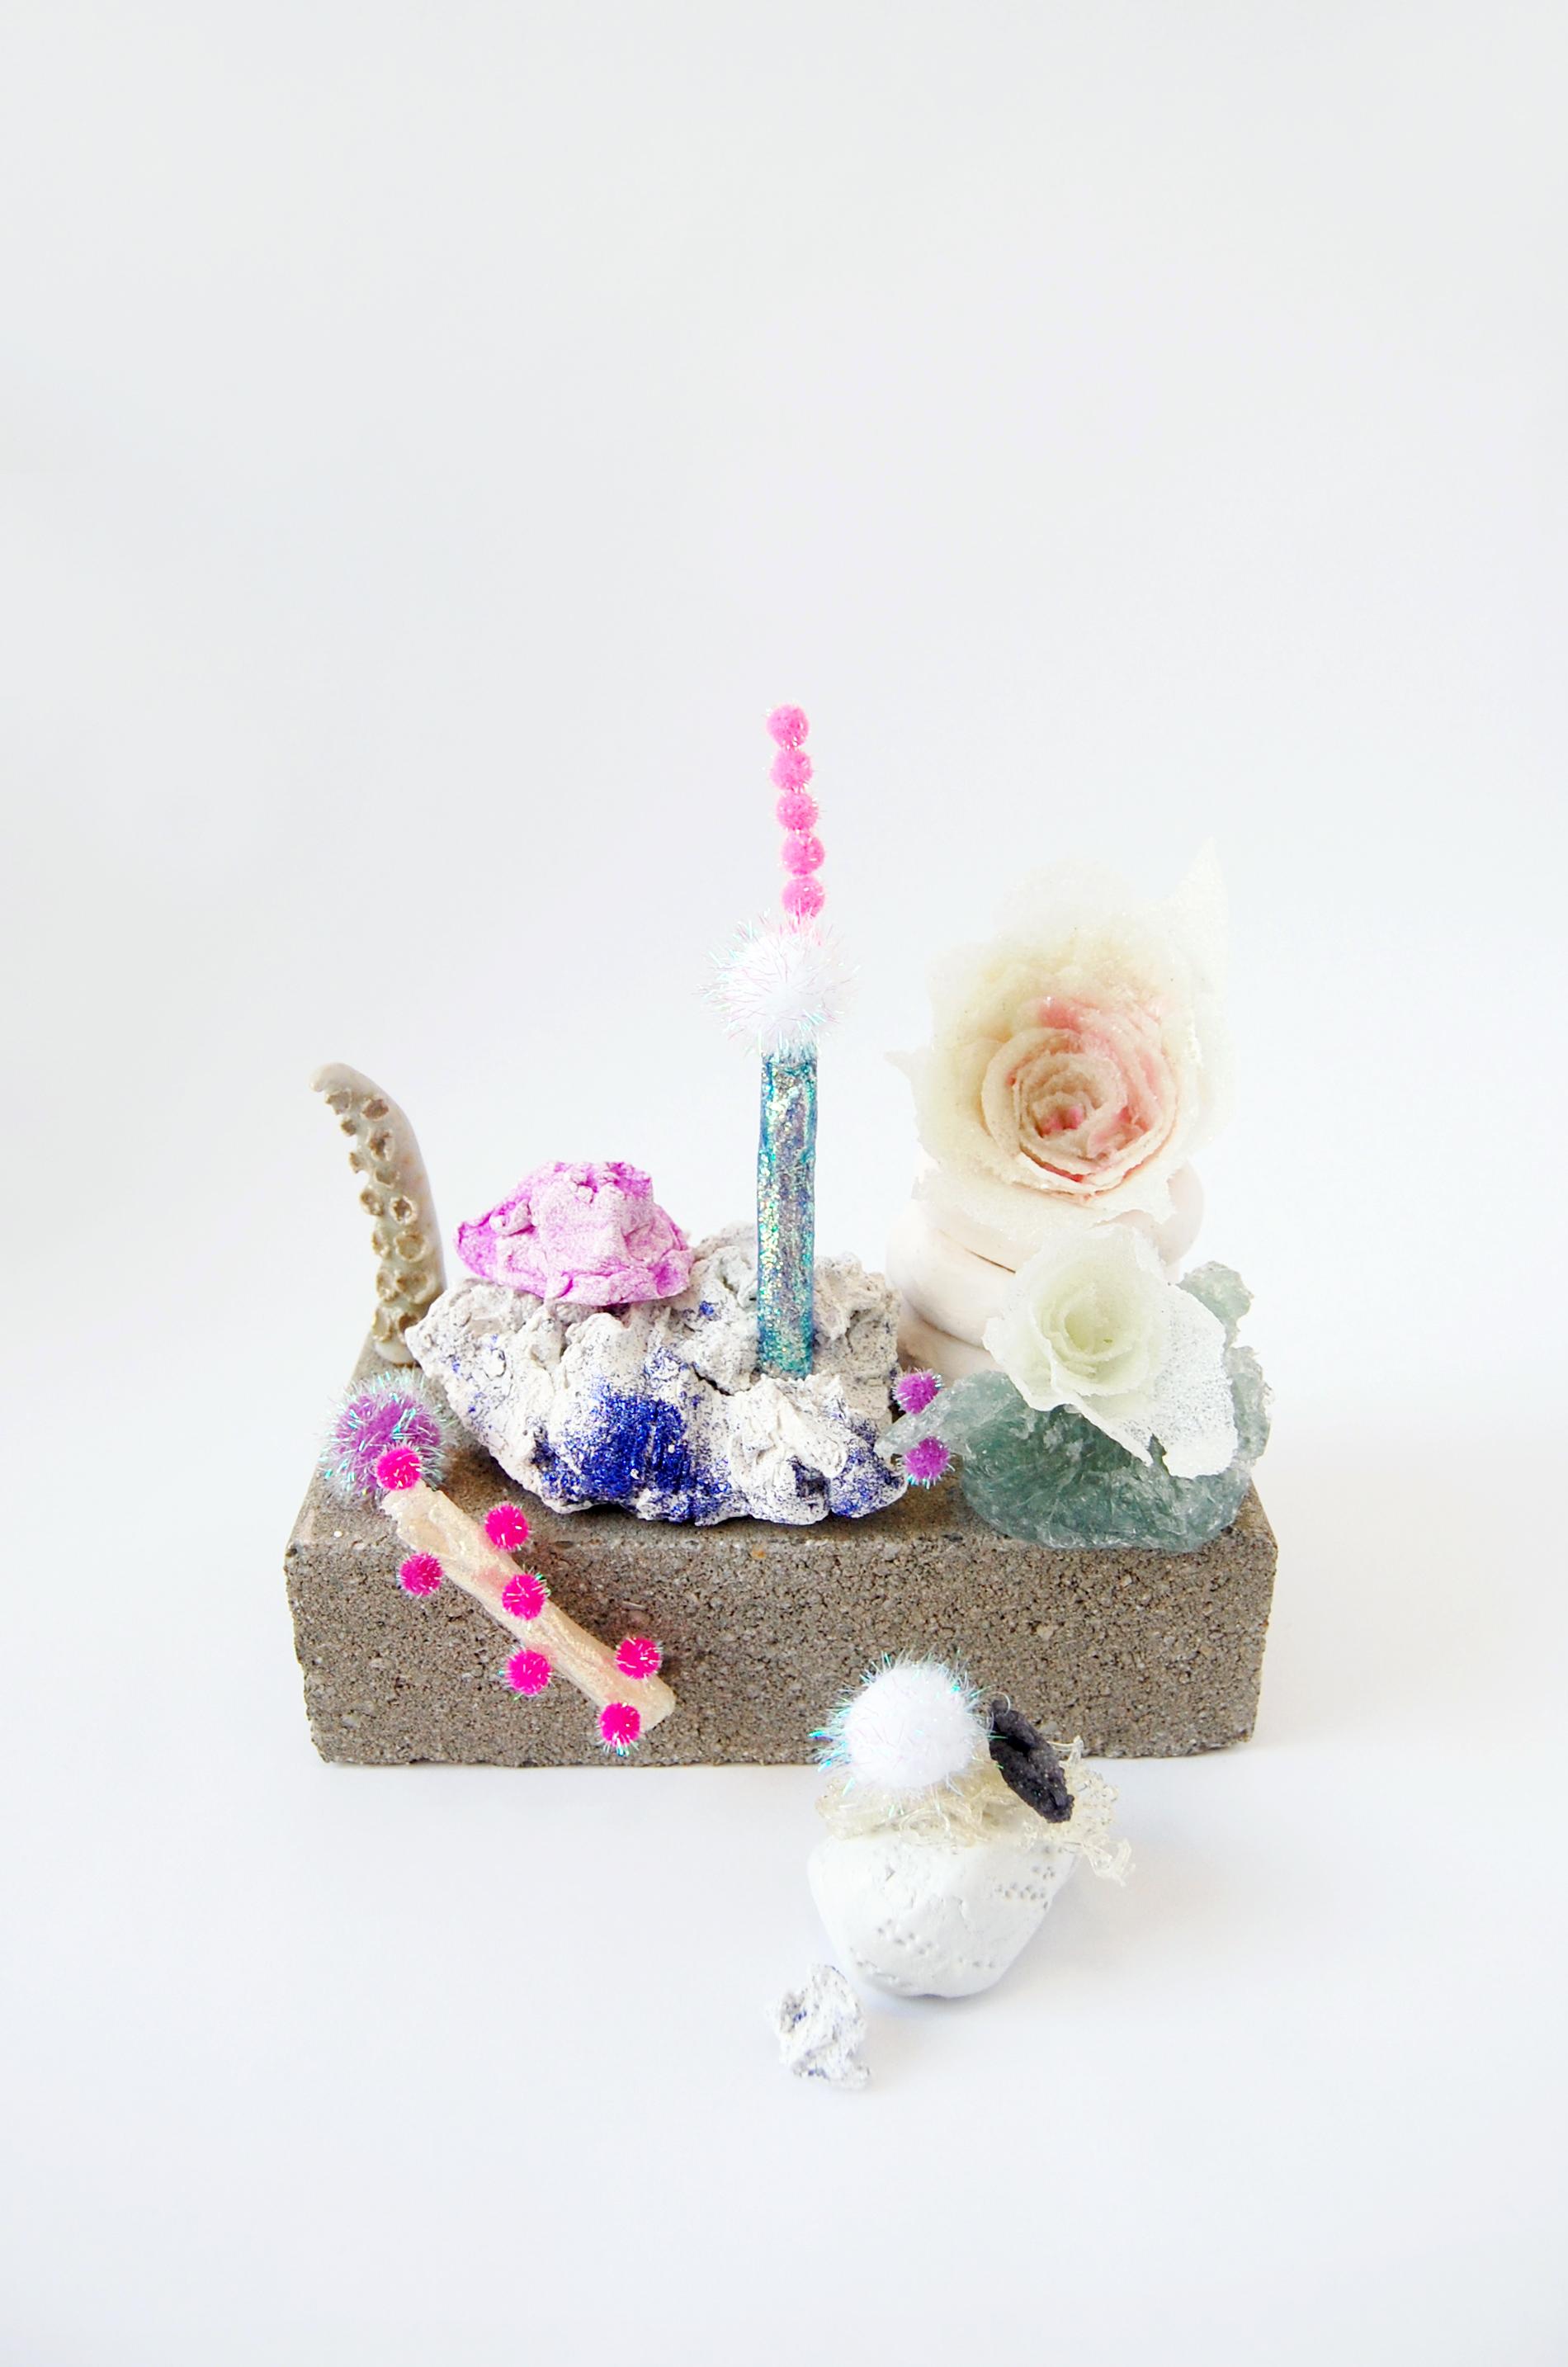 A Garden  , 2016 Brick, glazed ceramic, stoneware, sheetrock joint compound, sheetrock joint compound gel,medium gel, acrylic, glitter glue, pompom, epoxy clay and glitter 9x7.5x7 inches